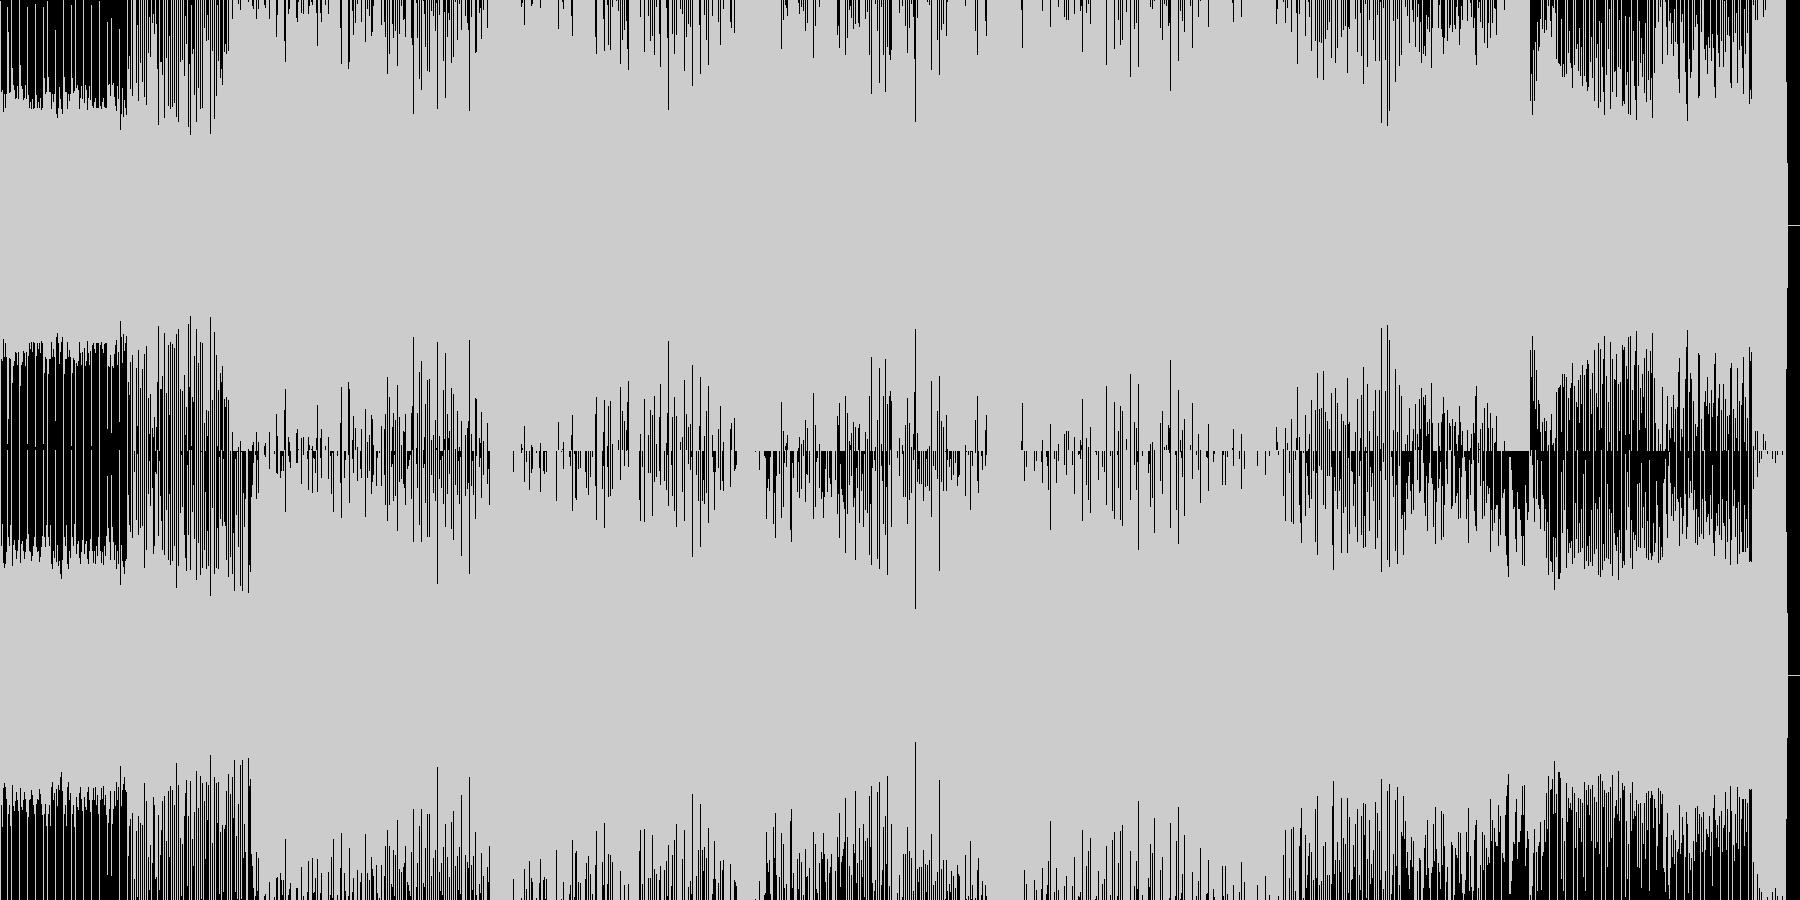 ダンスフロアをイメージするテクノBGMの未再生の波形